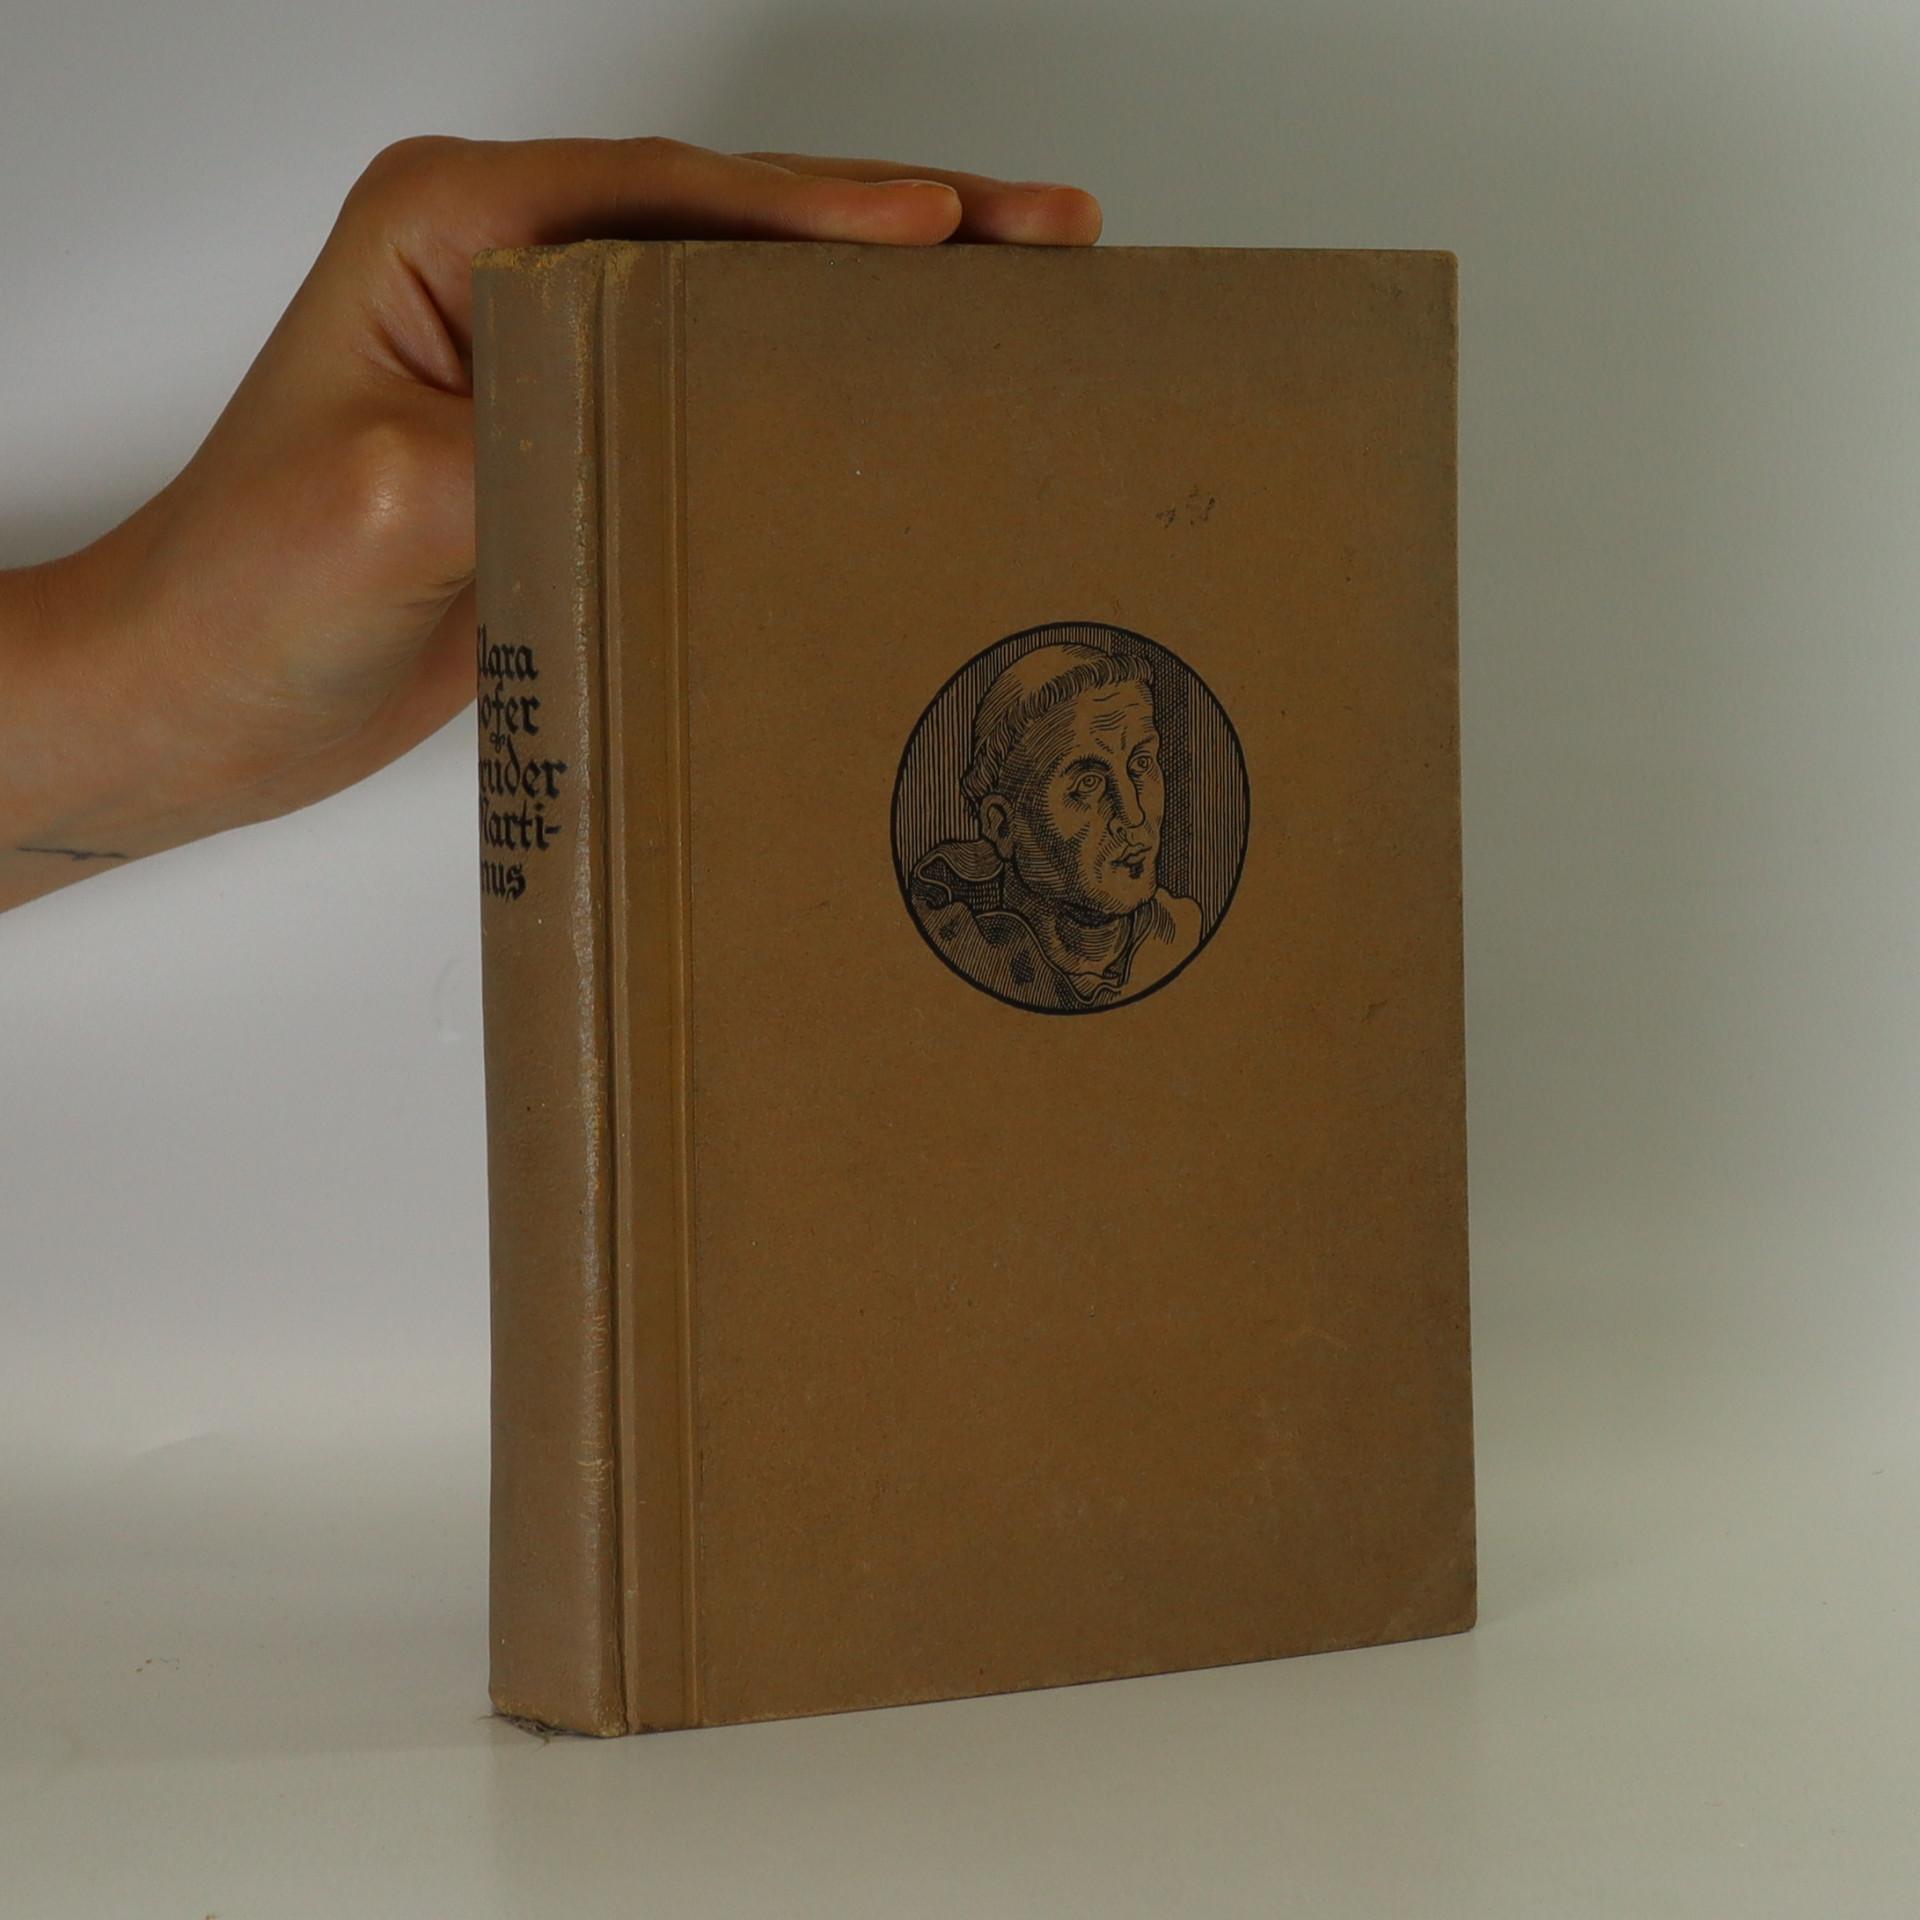 antikvární kniha Bruder Martinus. Ein Buch vom deutschen Gewissen, neuveden